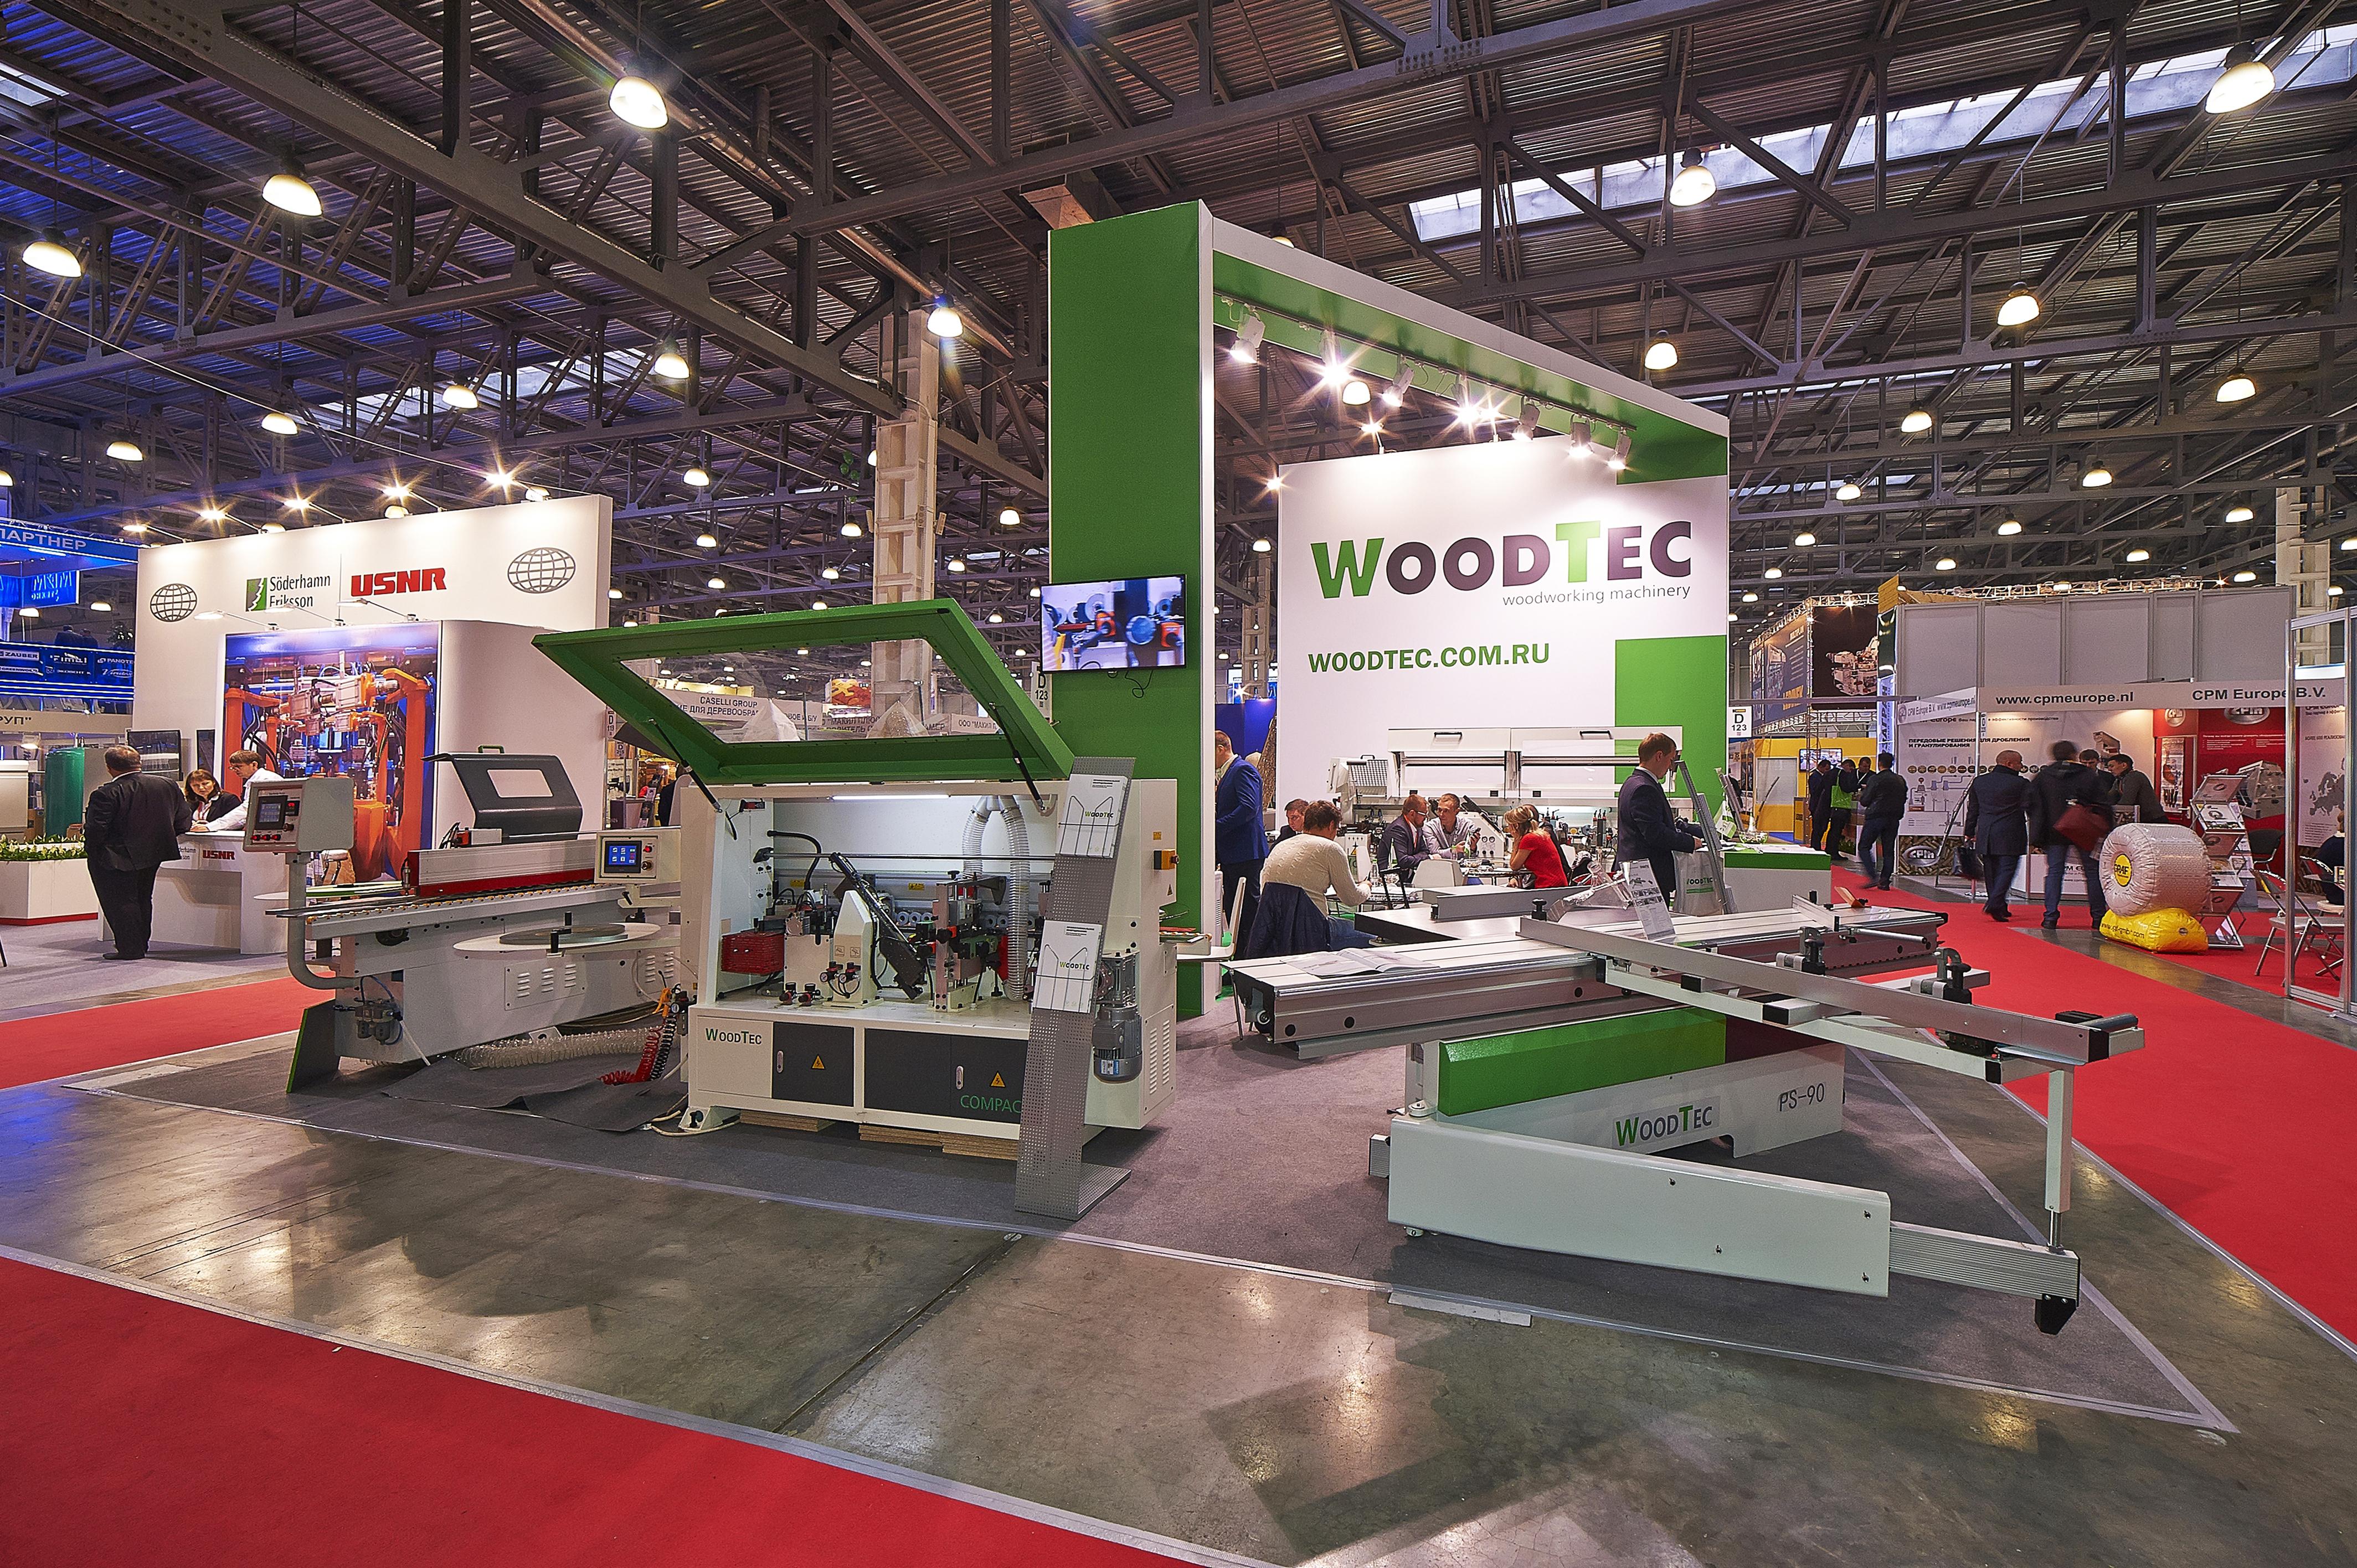 Woodtec_300dpi_9